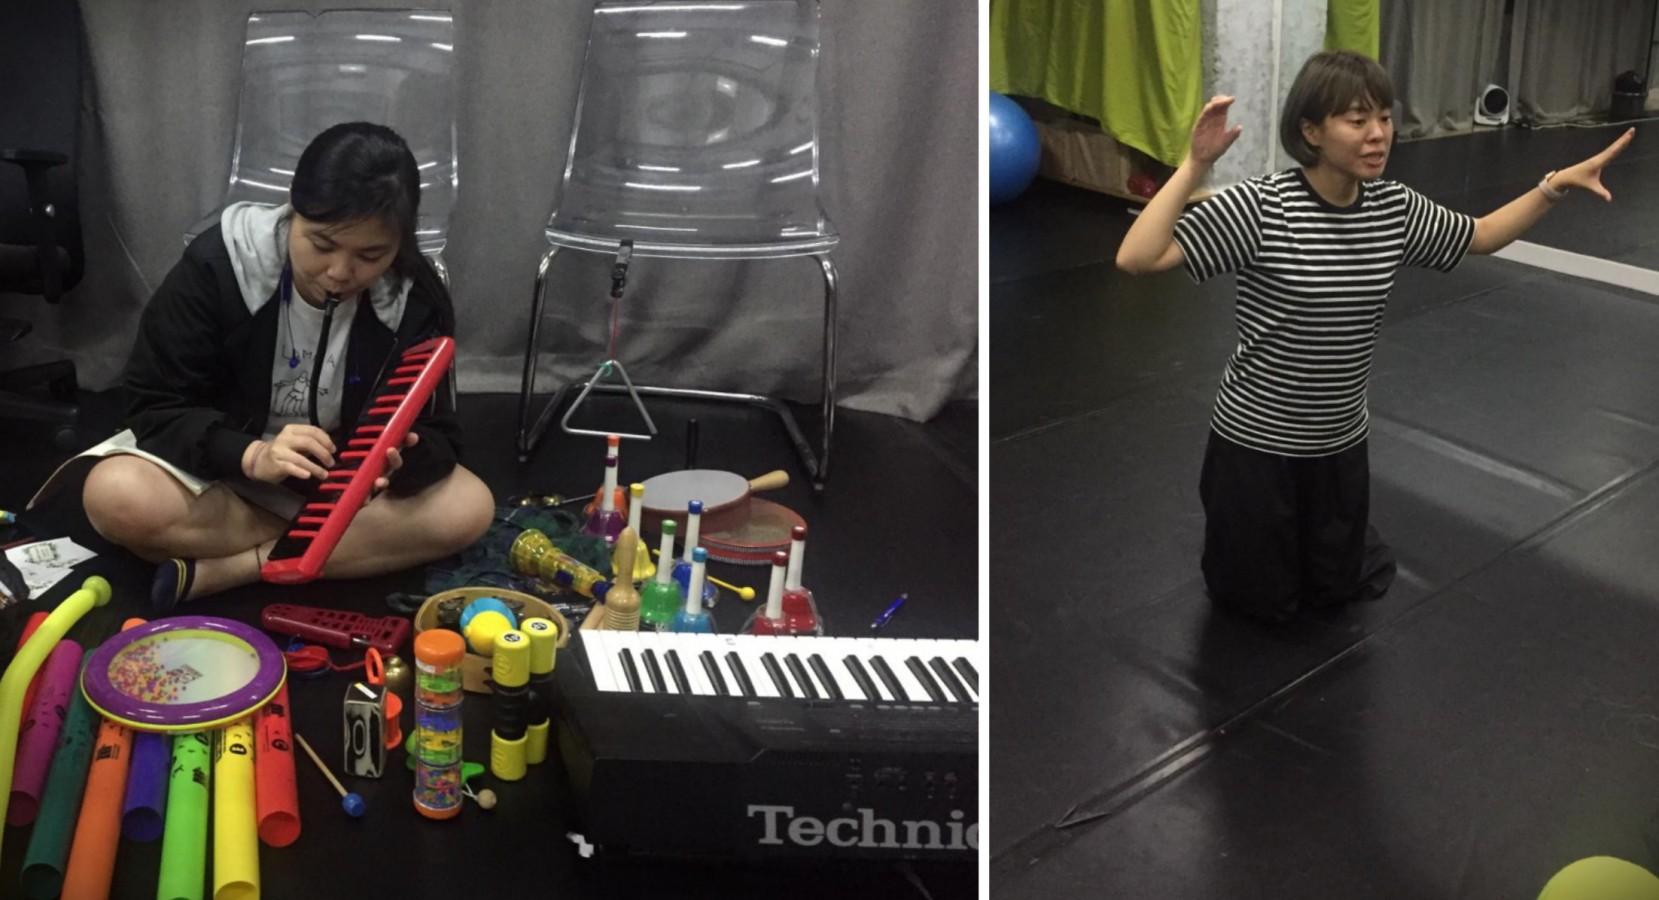 百好繪本士多 | 故事音樂實驗室 親子戲劇遊戲體驗《一個氣球的故事》